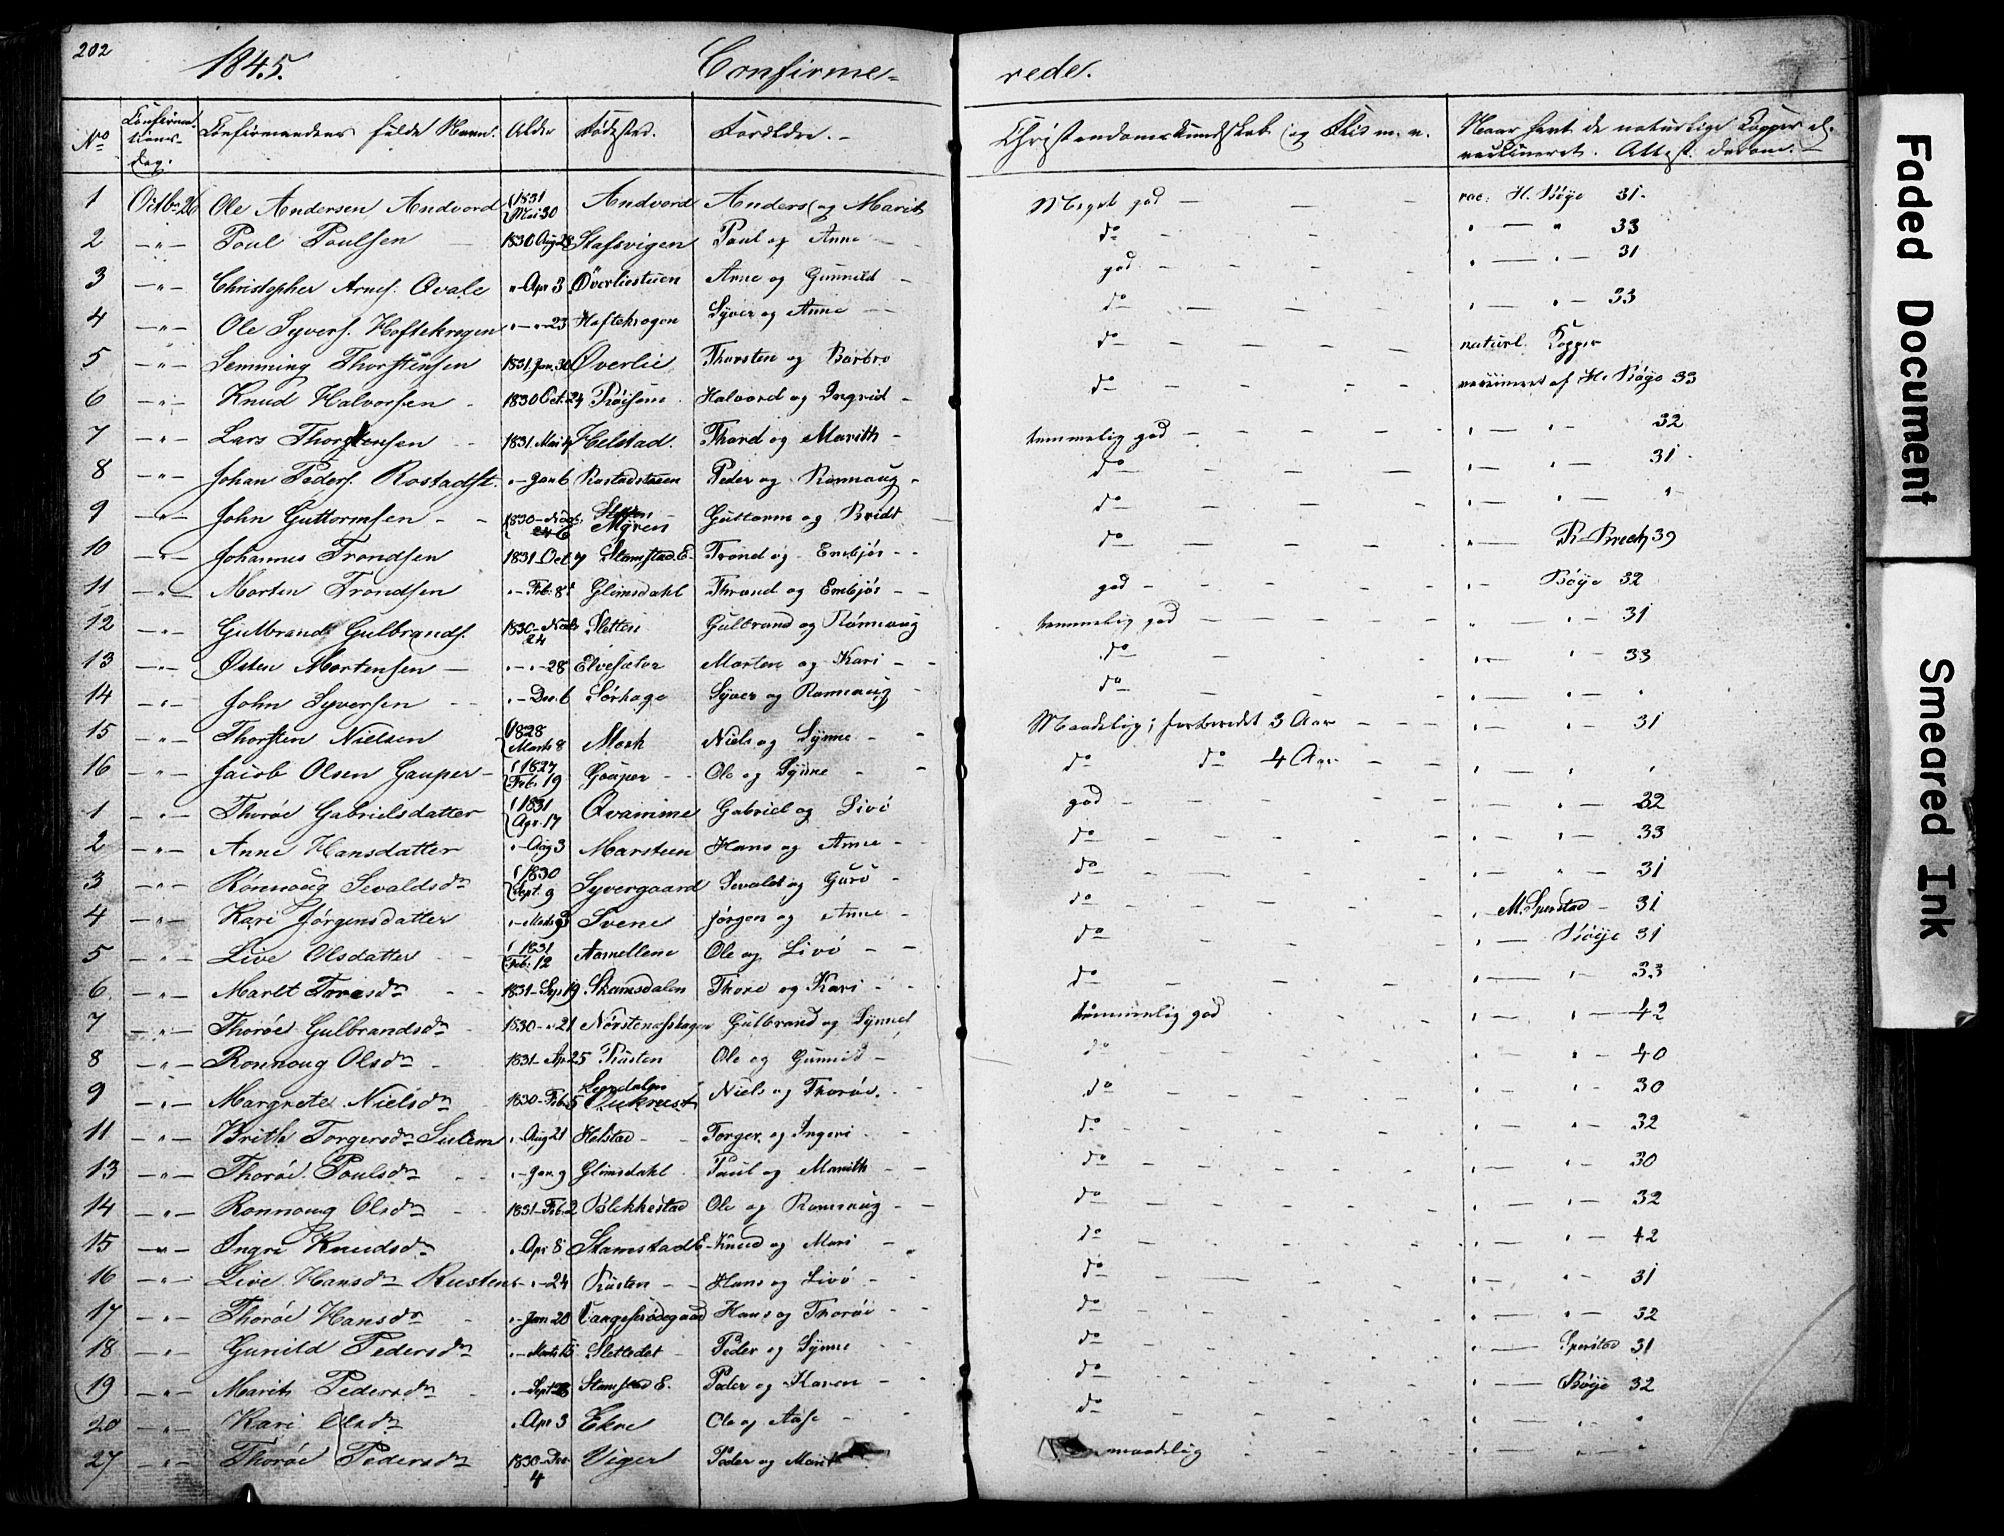 SAH, Lom prestekontor, L/L0012: Klokkerbok nr. 12, 1845-1873, s. 202-203